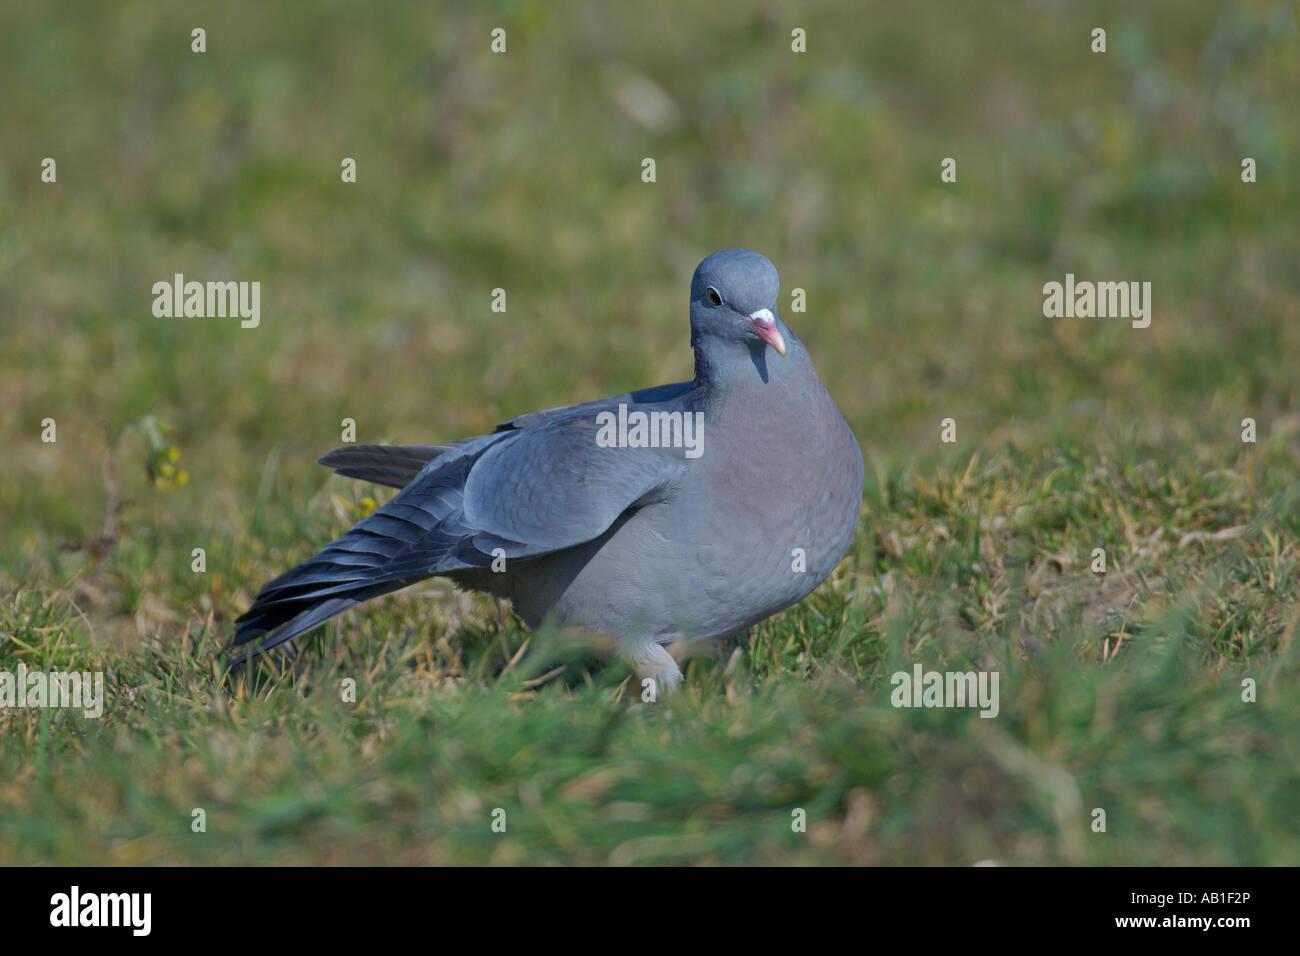 Colomba di stock o stock pigeon Columba oenas alimentando in agricolo di mettere da parte il campo Norfolk Inghilterra Immagini Stock